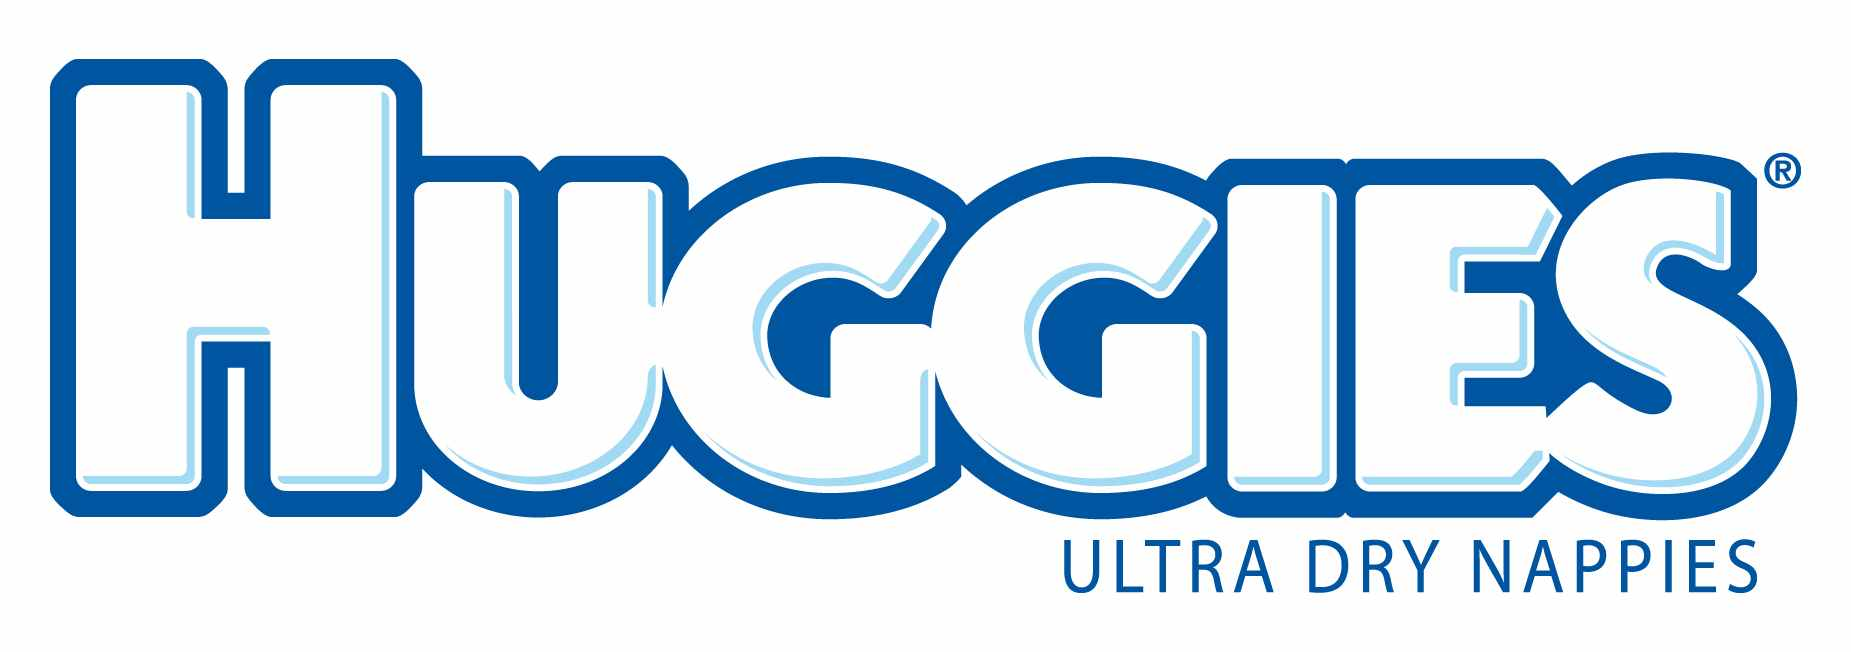 huggies-nappies-logo